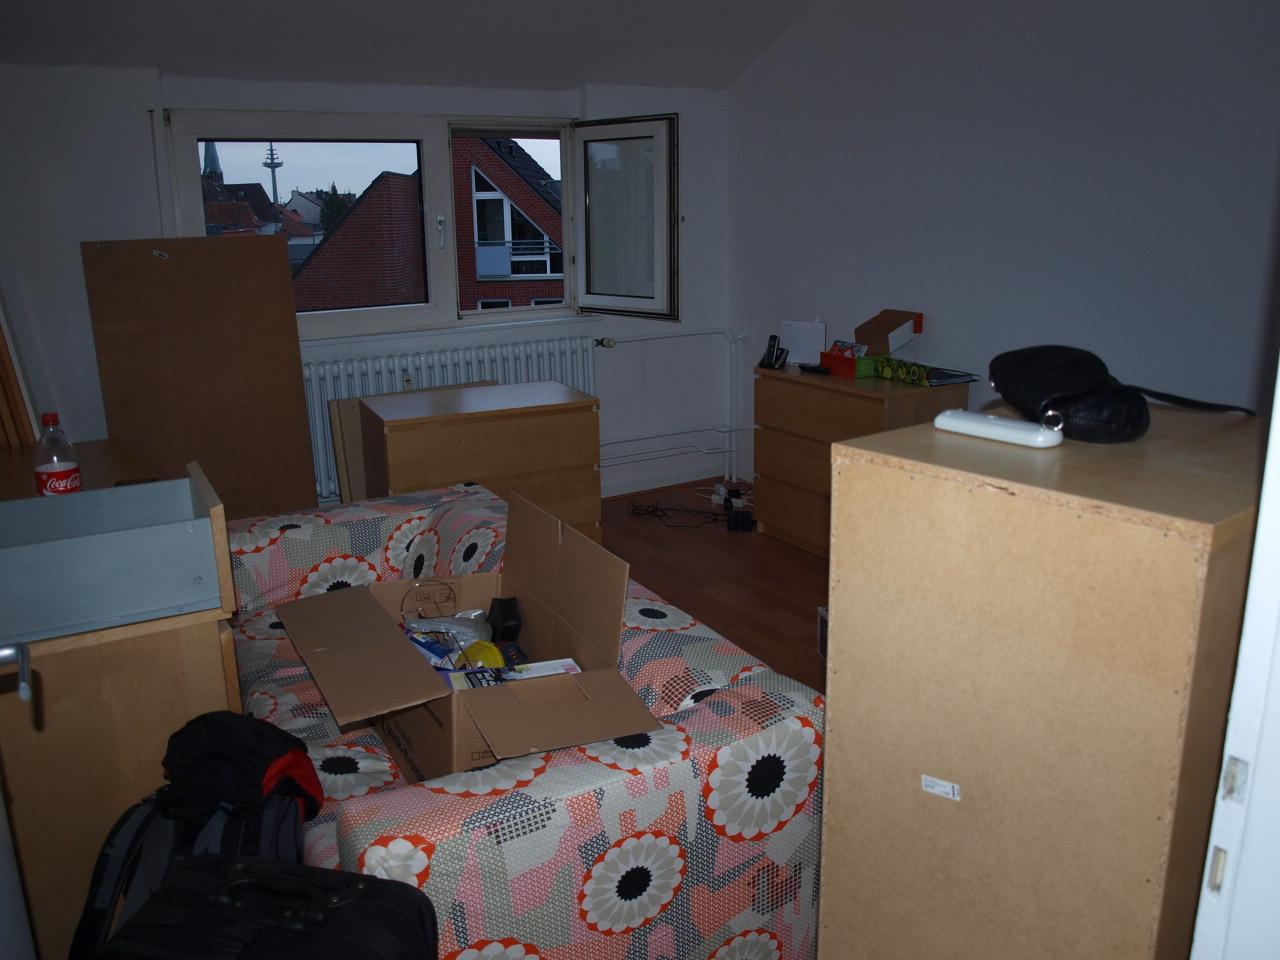 2 mausis in m nster unsere erste gemeinsame wohnung. Black Bedroom Furniture Sets. Home Design Ideas